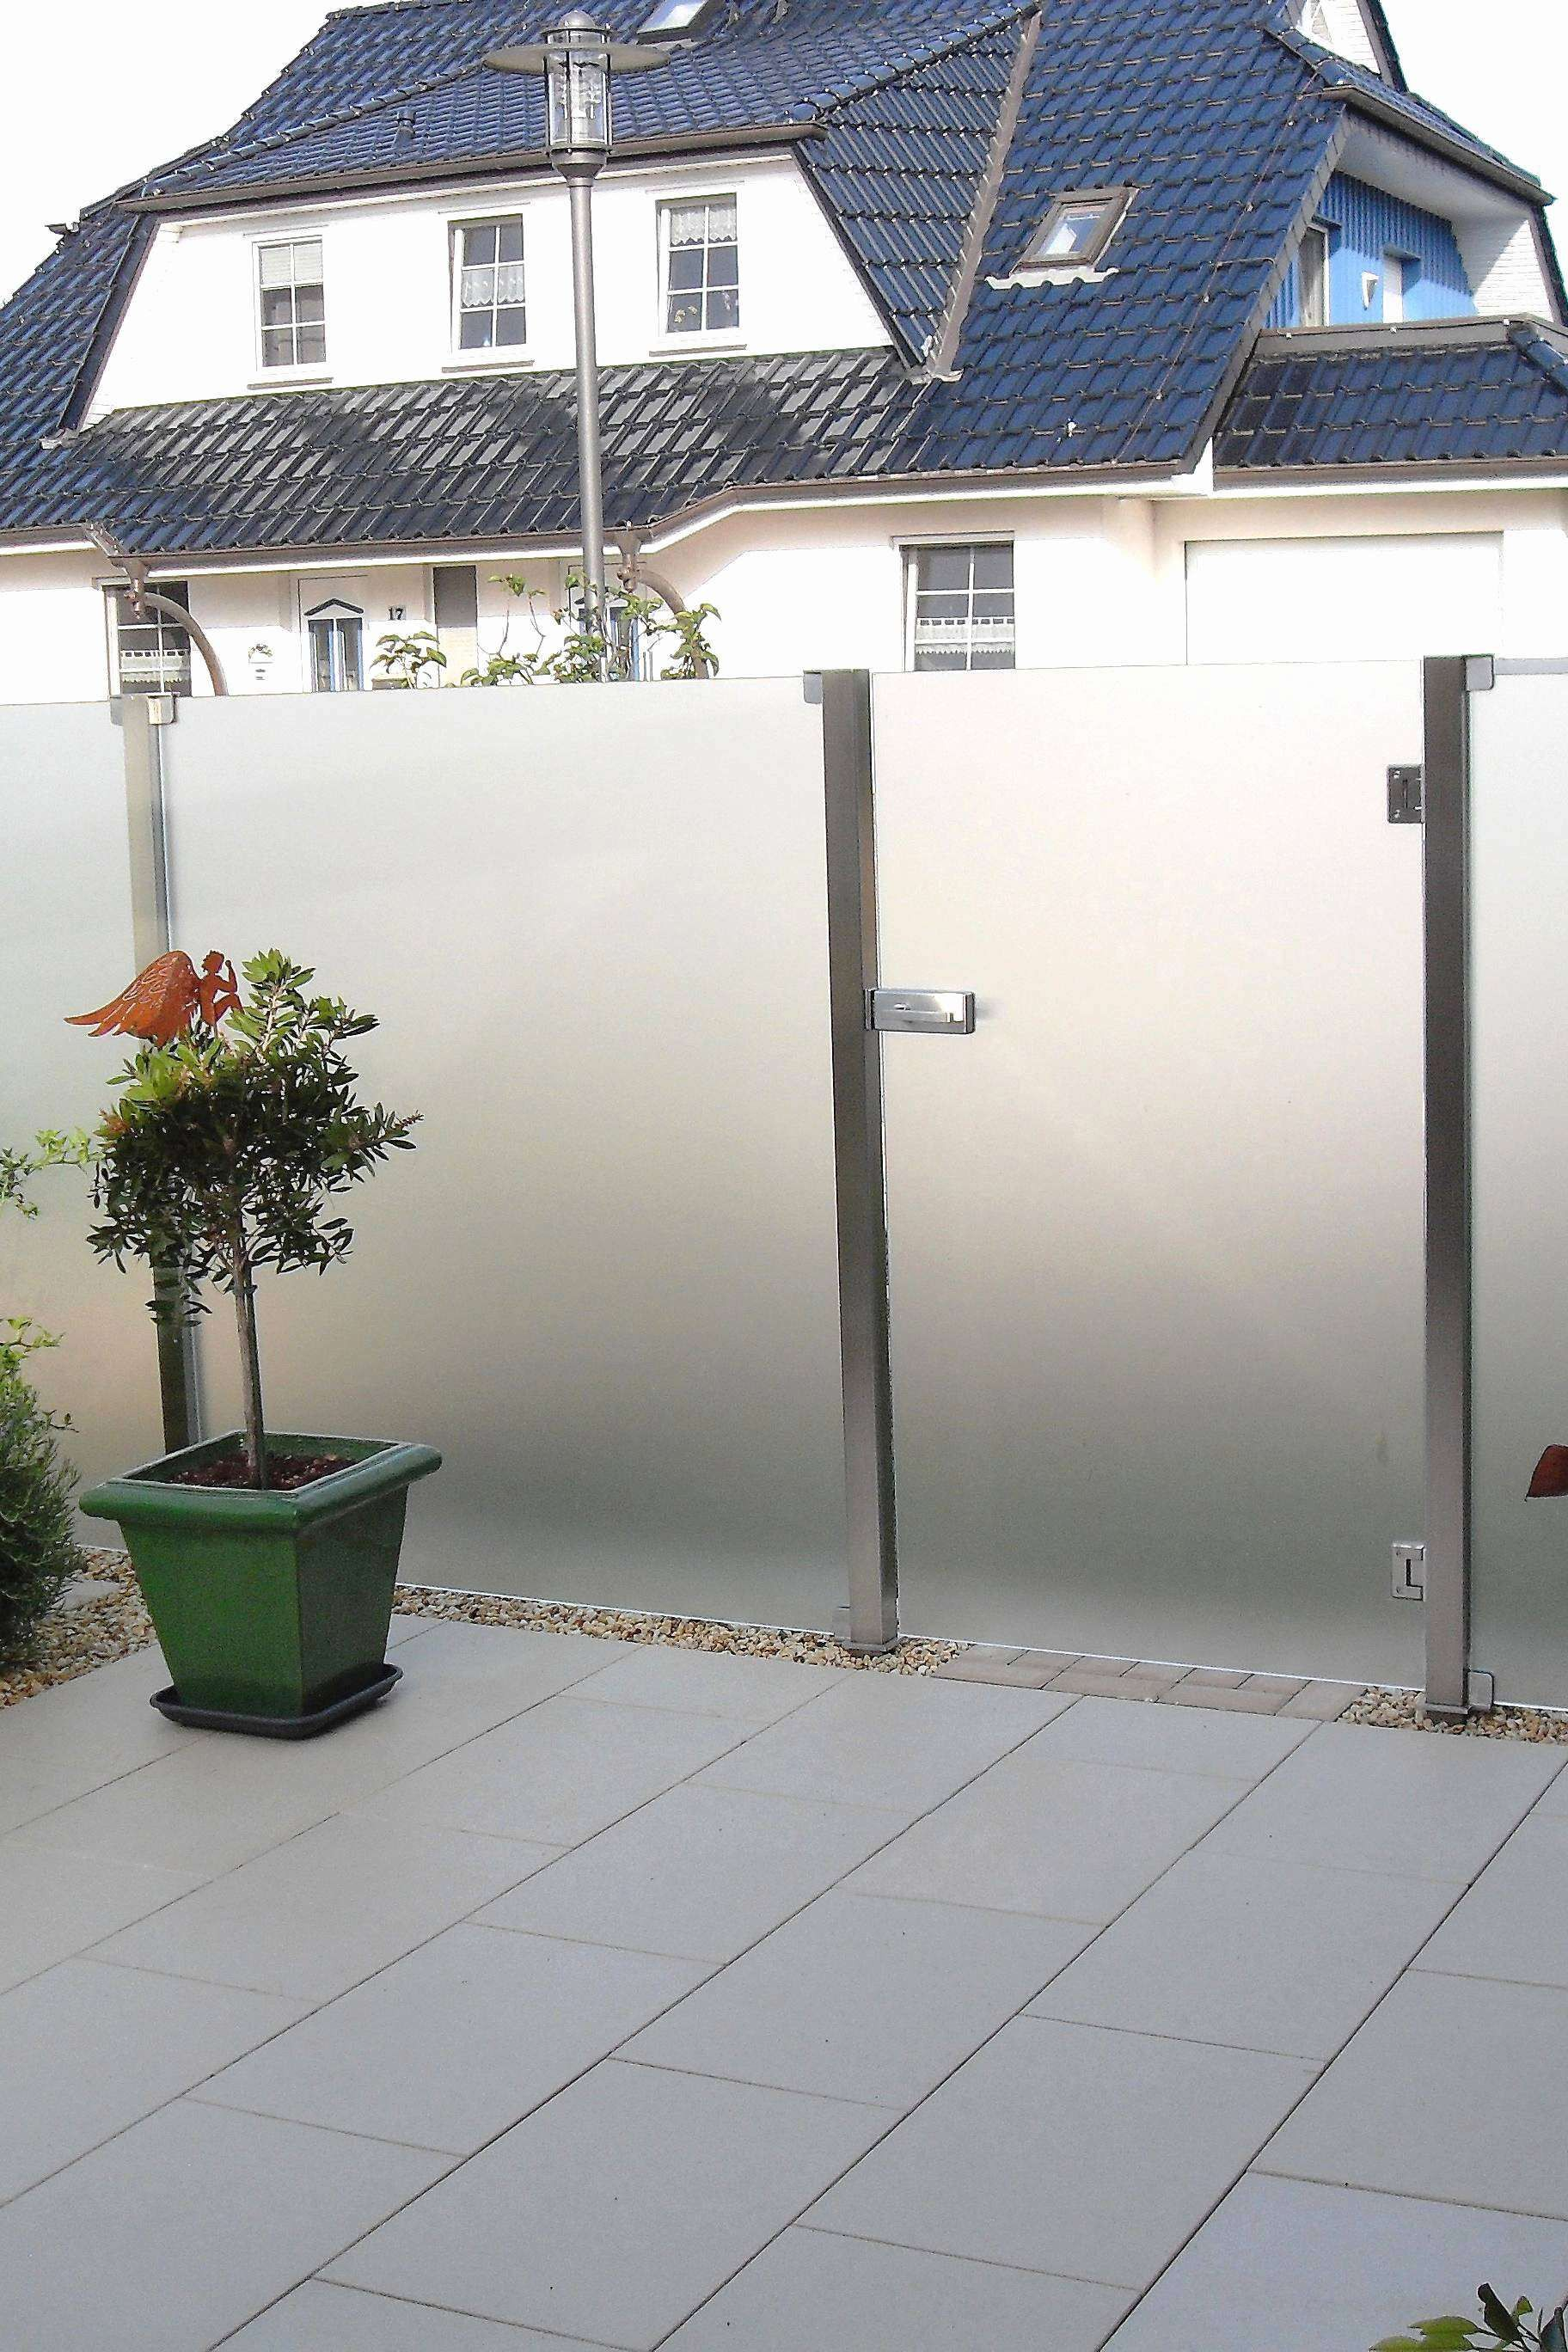 Frisch 40 Fur Windschutz Balkon Ausziehbar Backyard Fences